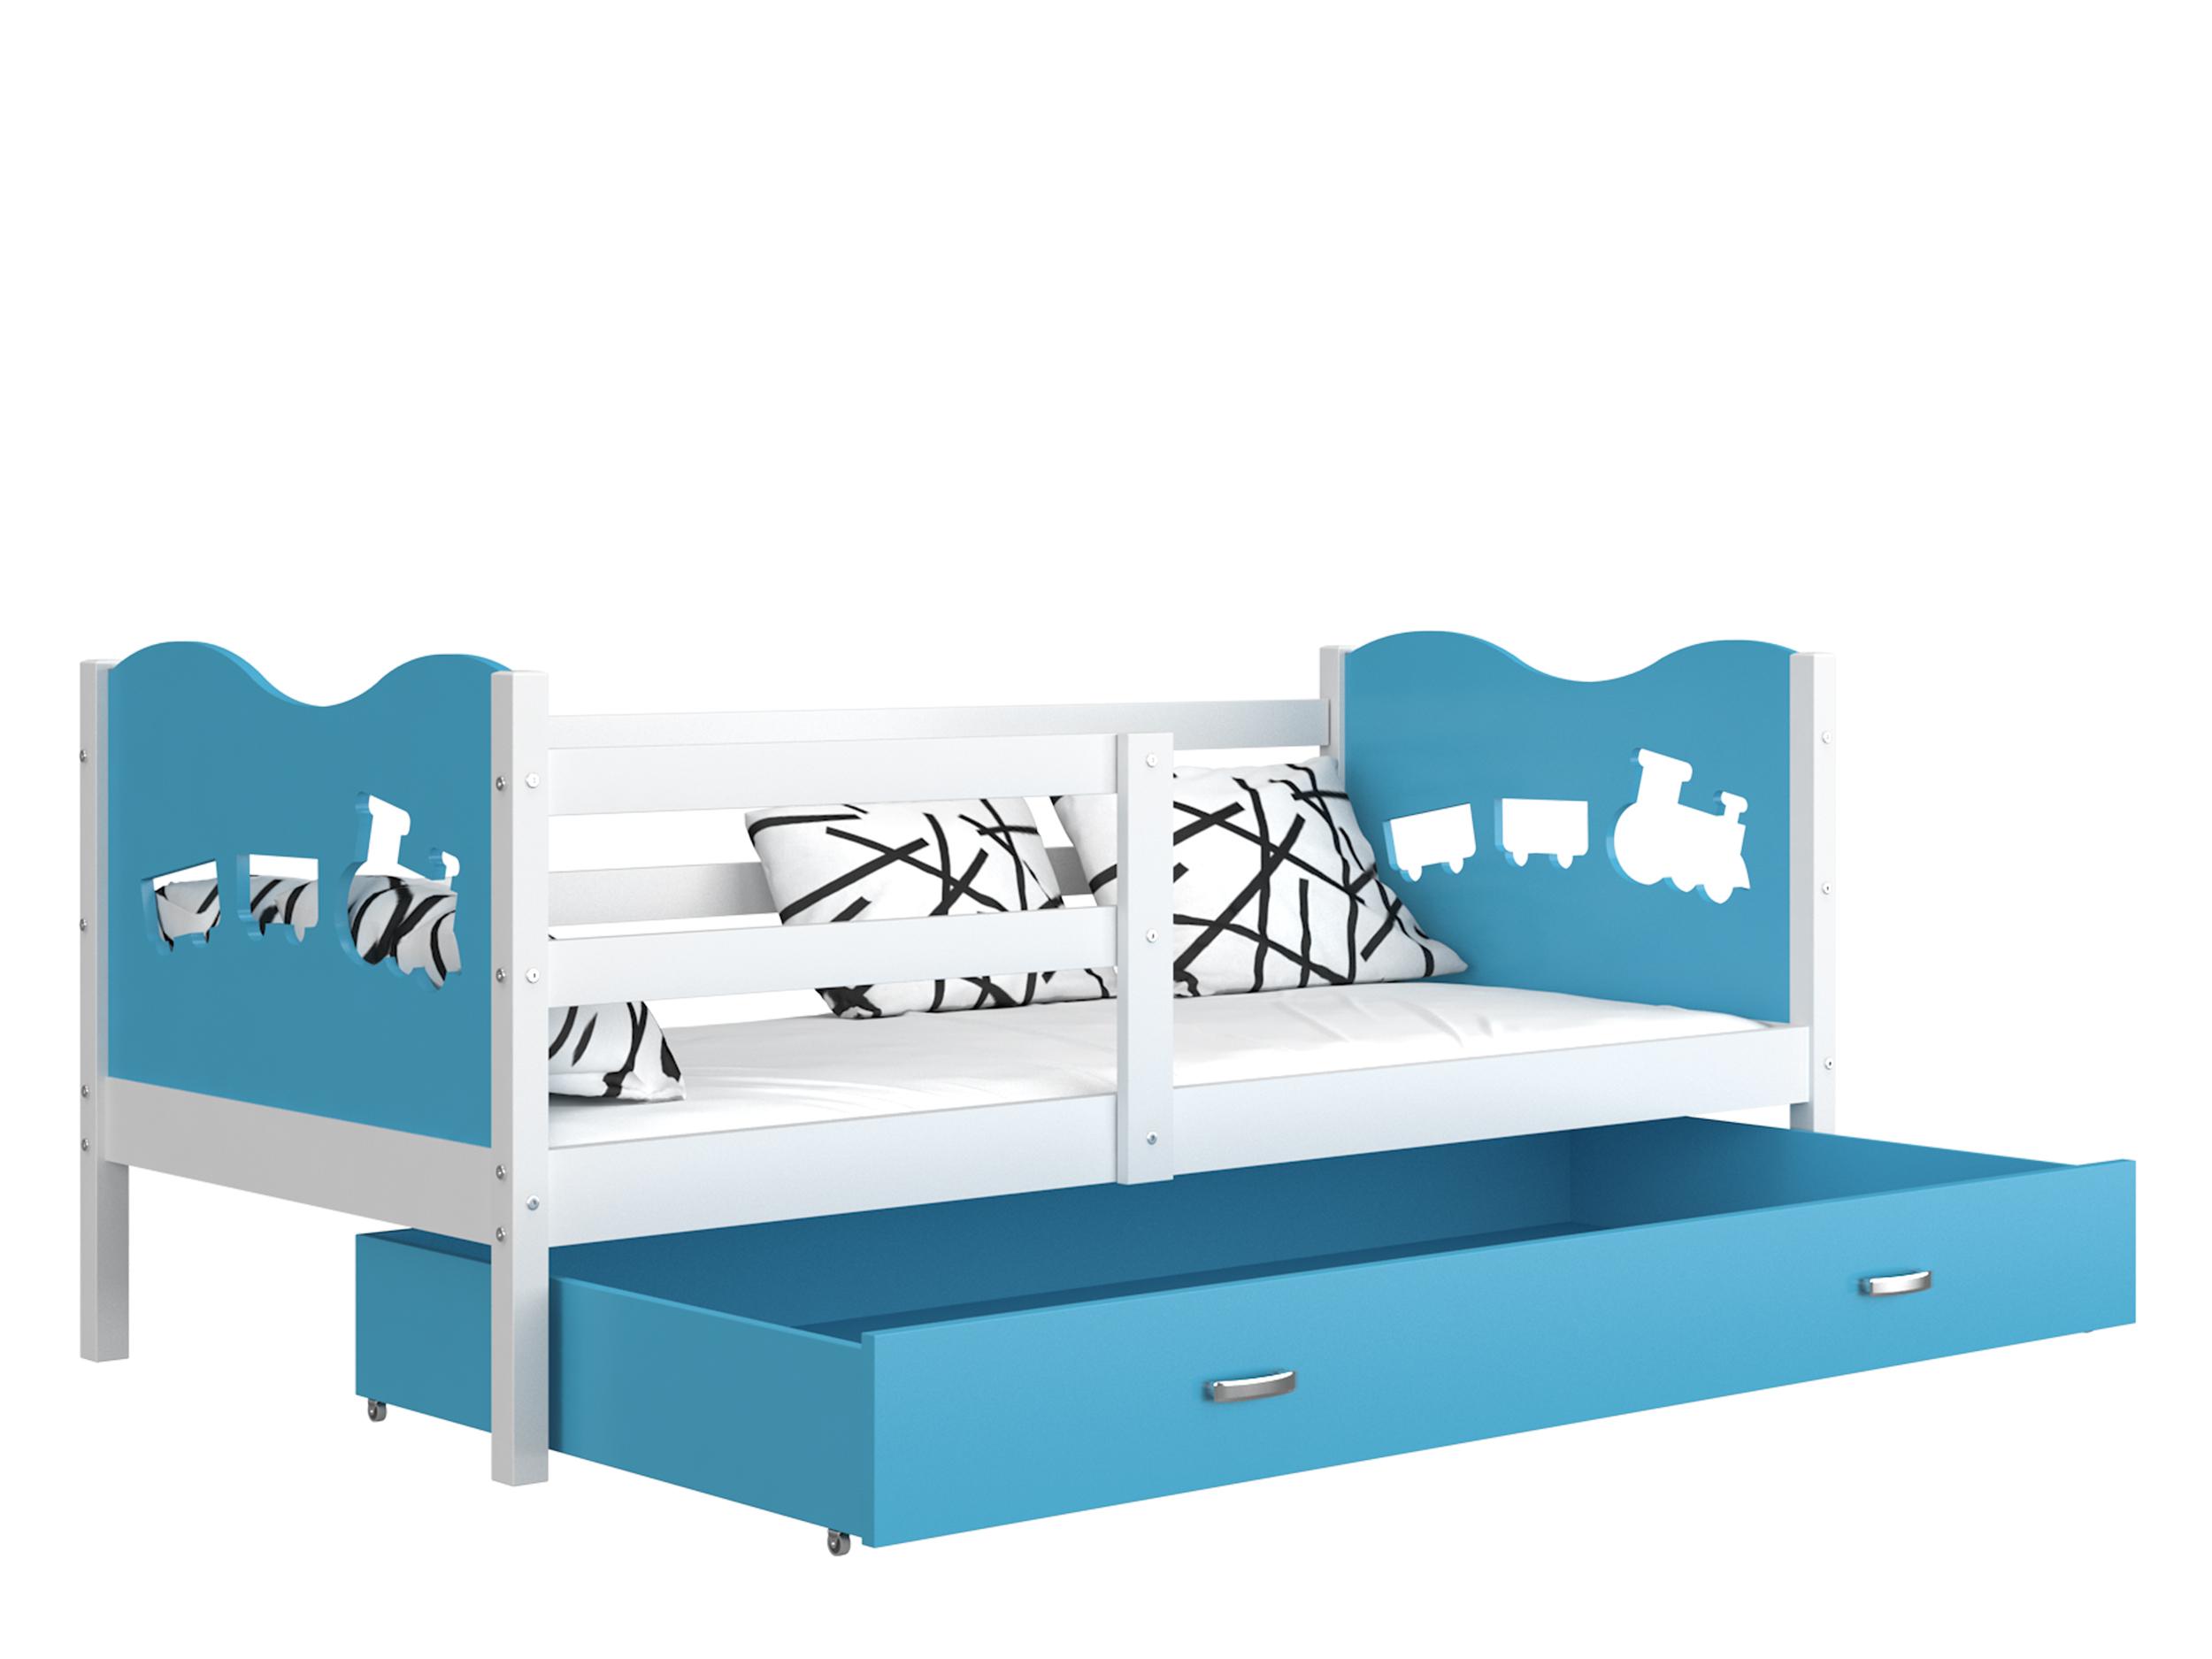 ArtAJ Detská posteľ MAX P / MDF 200 x 90 cm Farba: biela / modrá 200 x 90 cm, Prevedenie: bez matraca